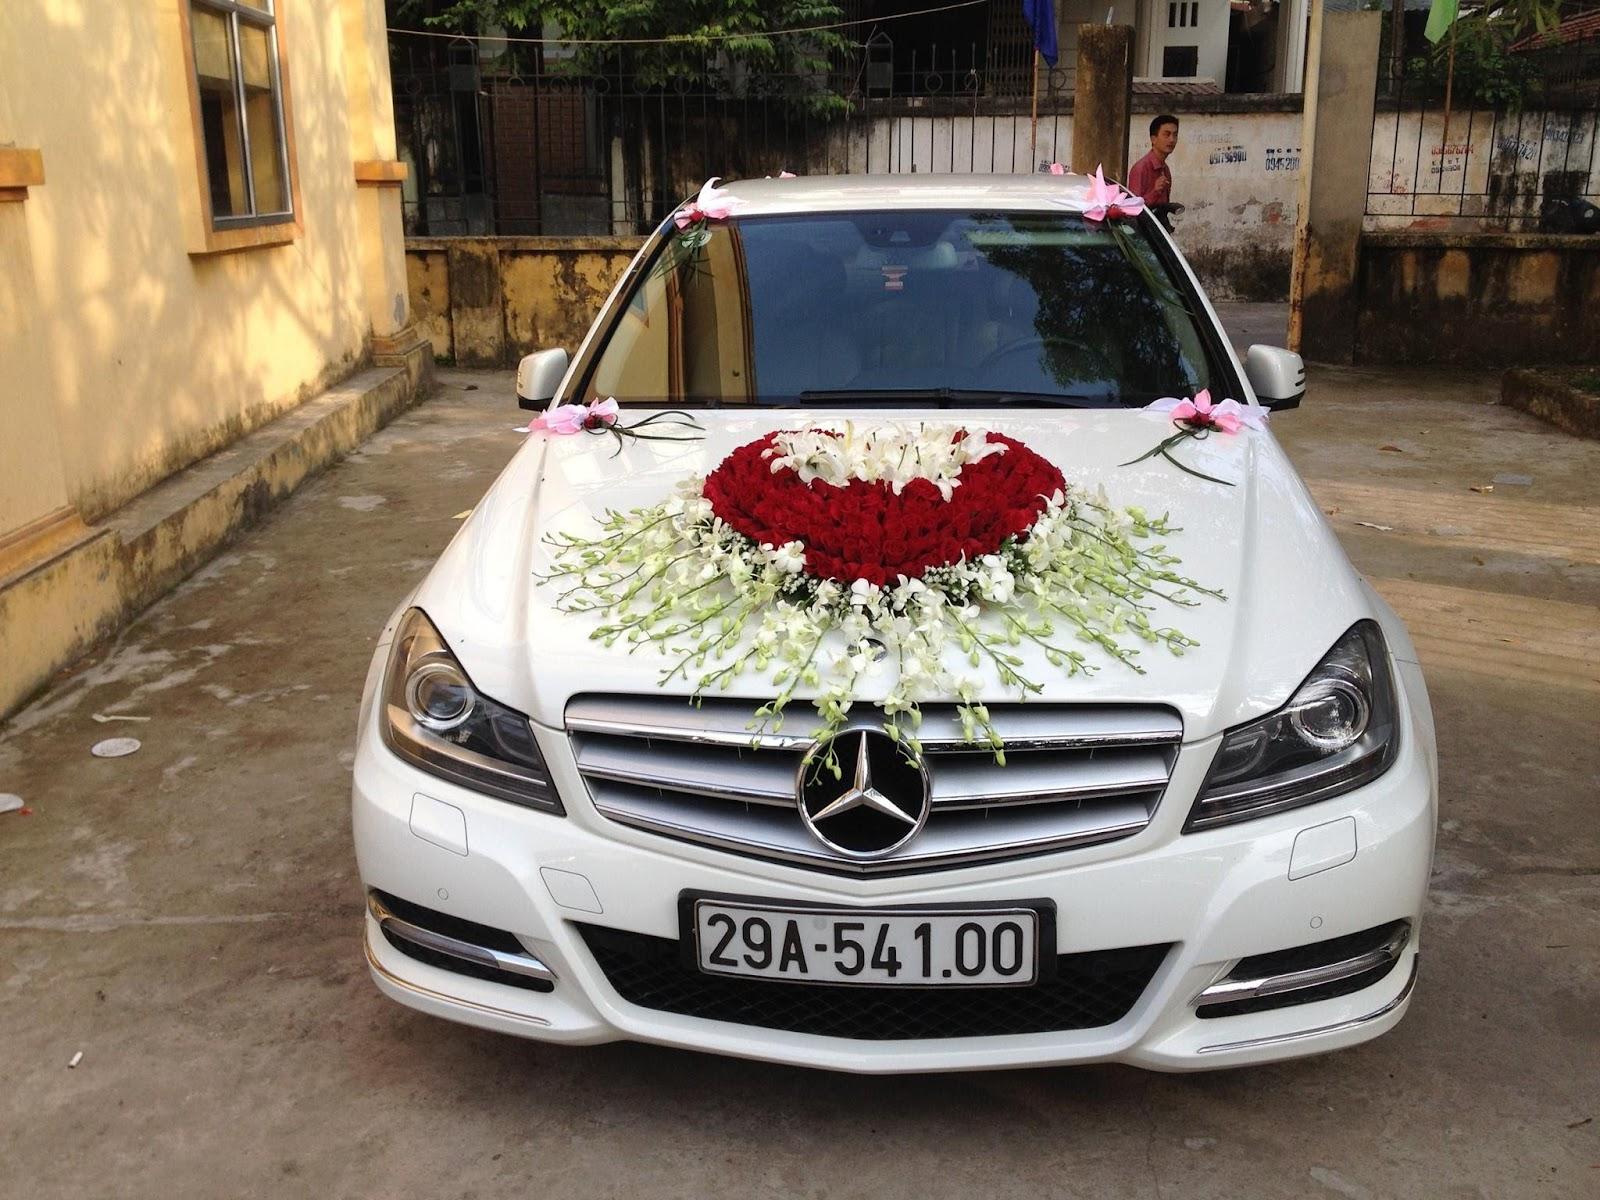 Nên chọn dịch vụ thuê xe cưới như thế nào mùa cưới năm nay?